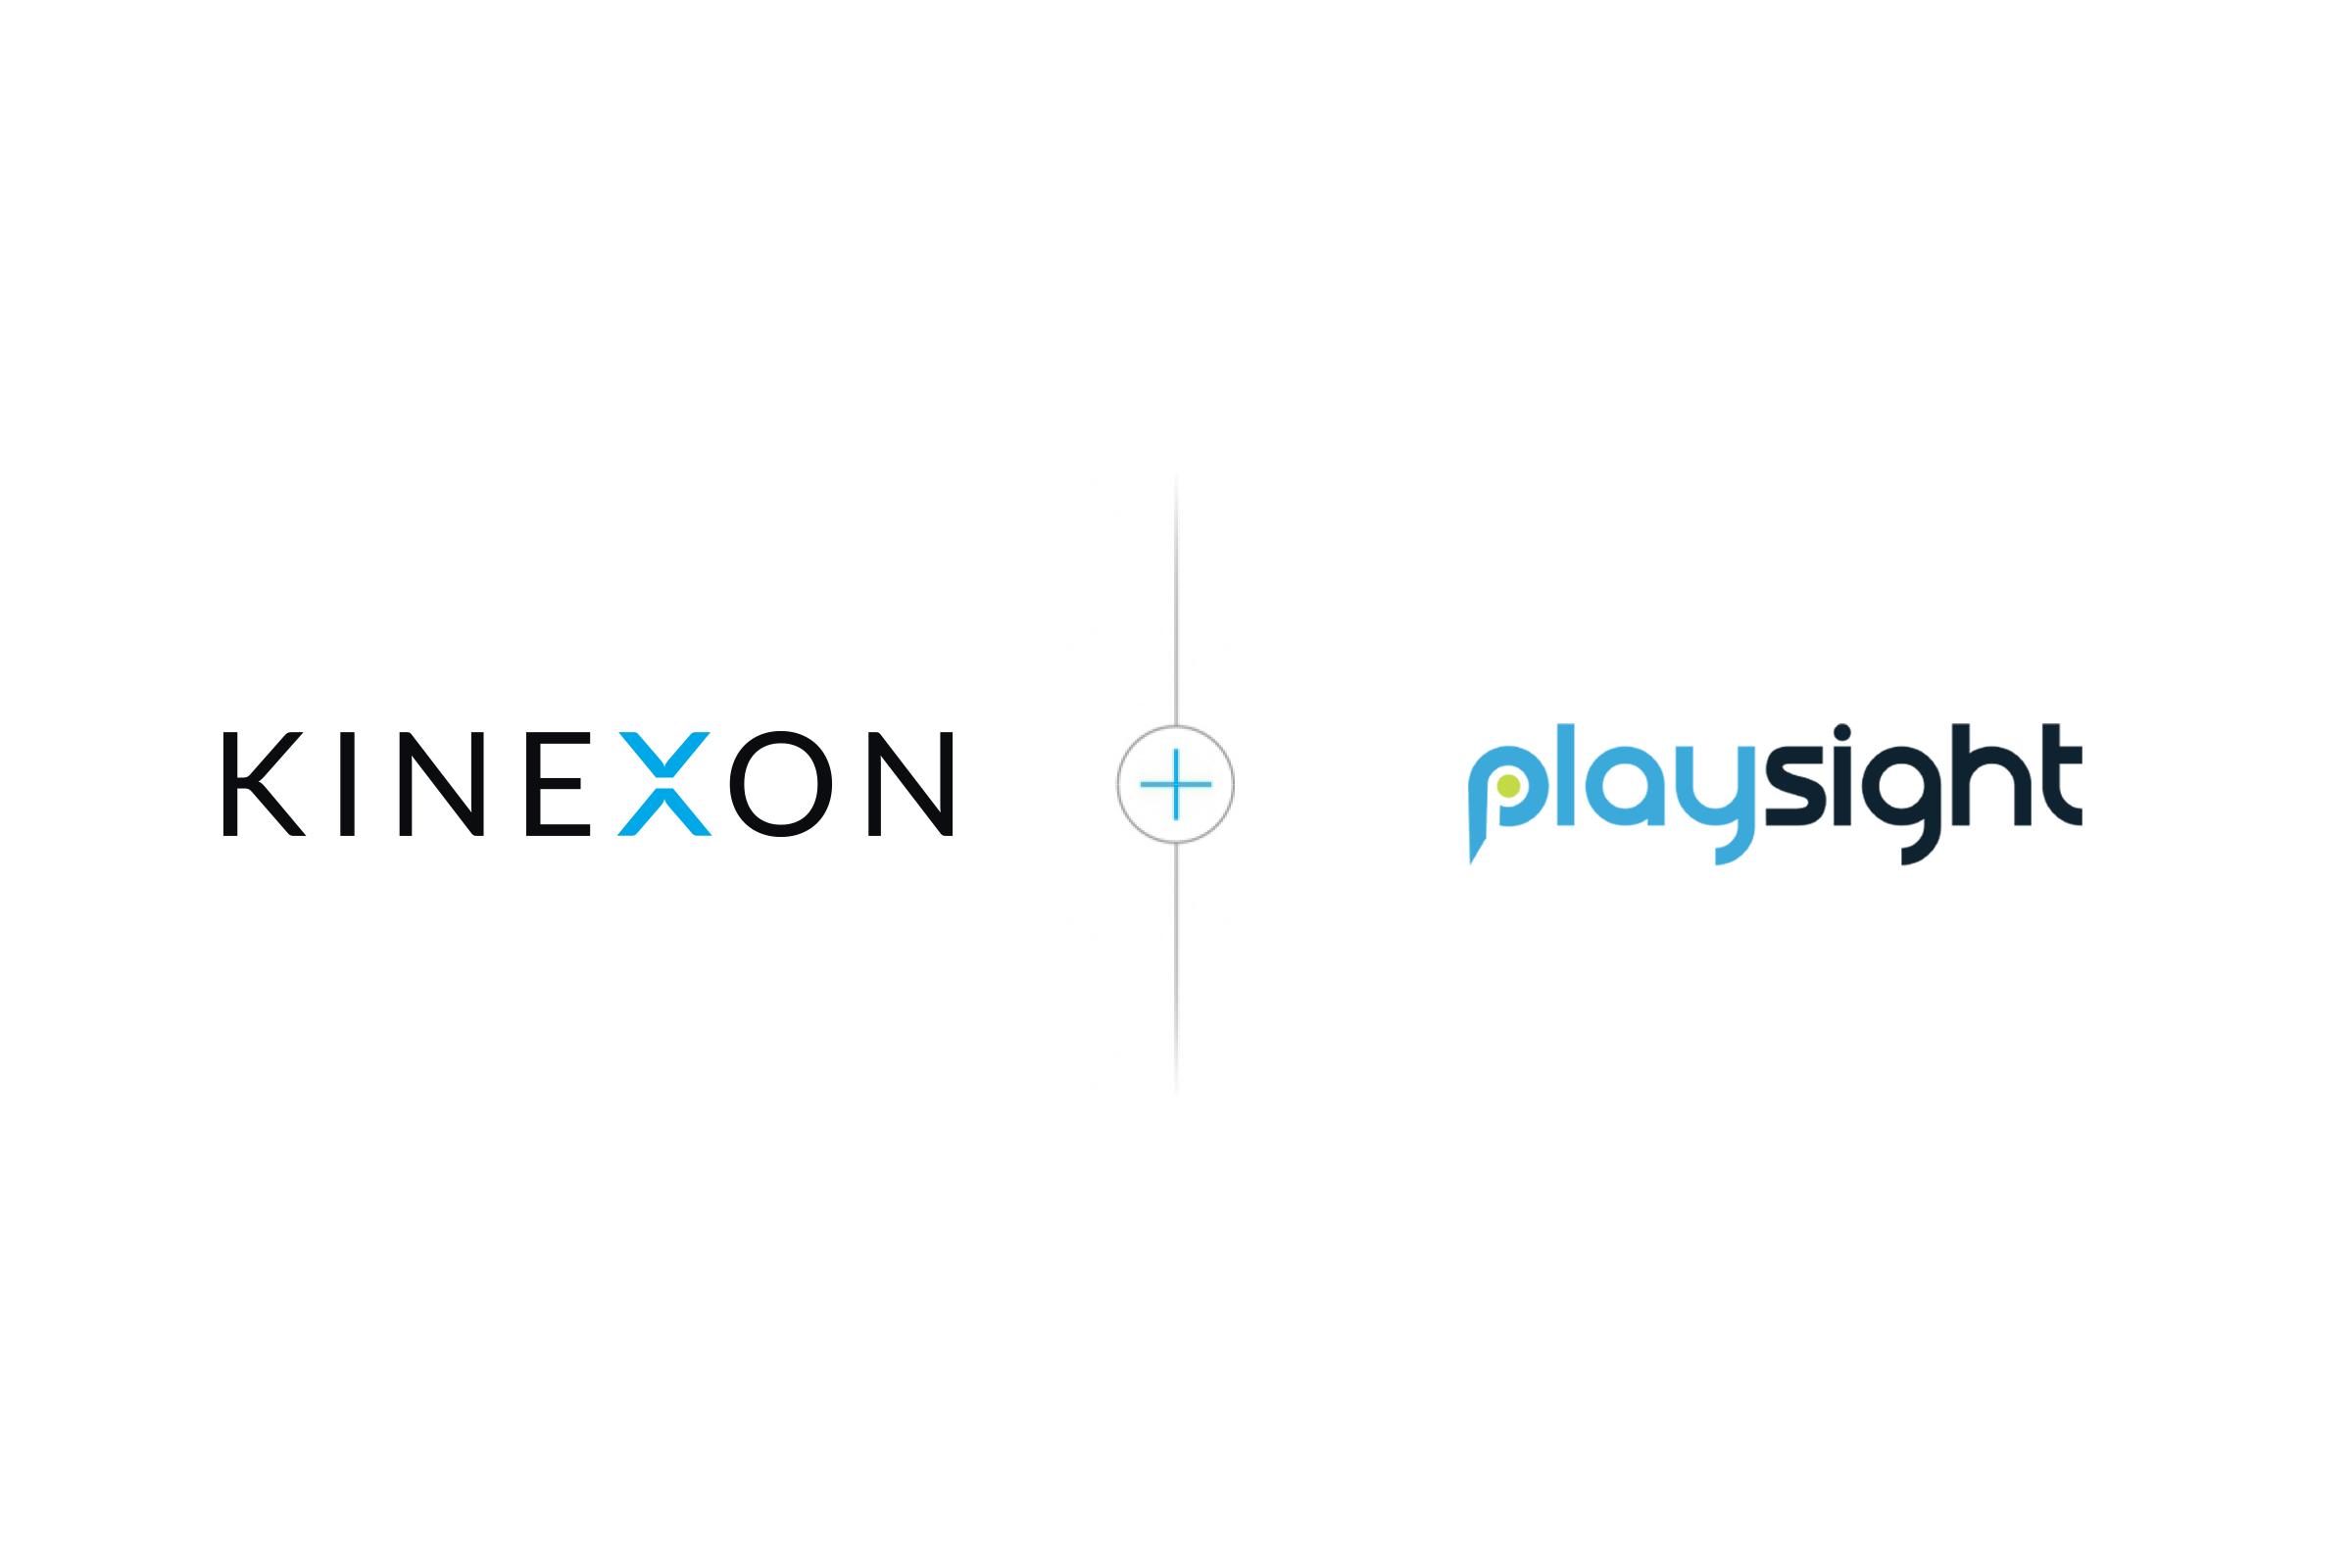 KINEXON X Playsight